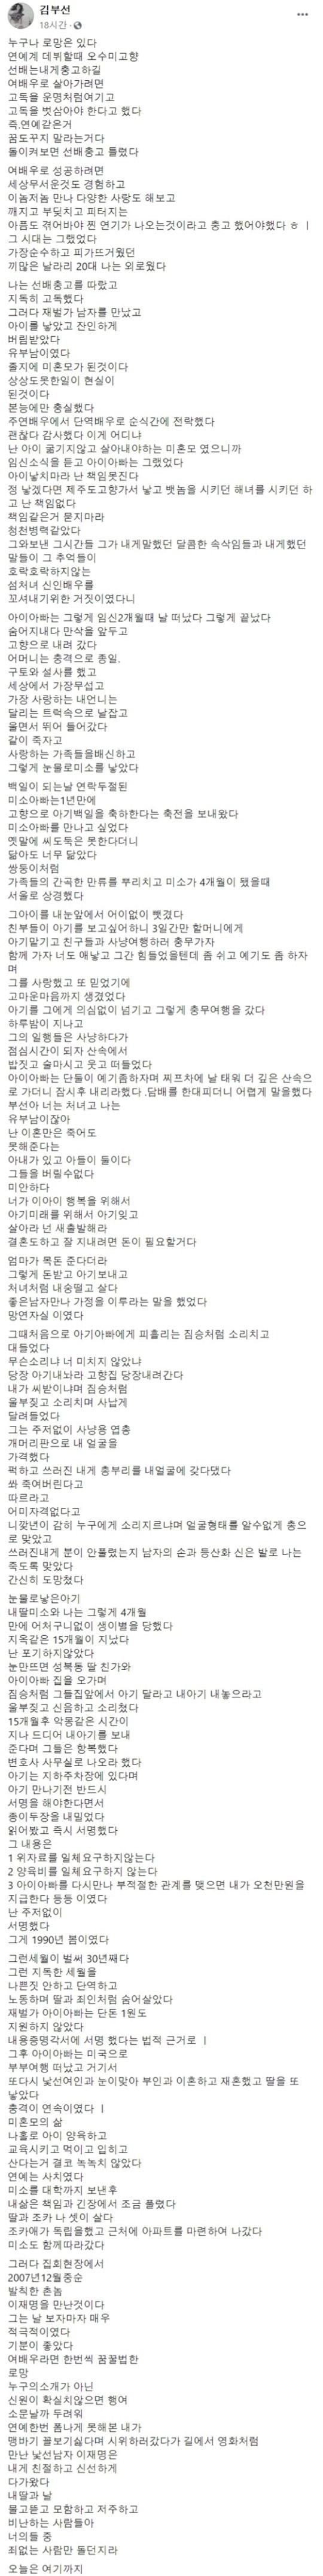 김부선 사생활 고백 전문 /사진=SNS